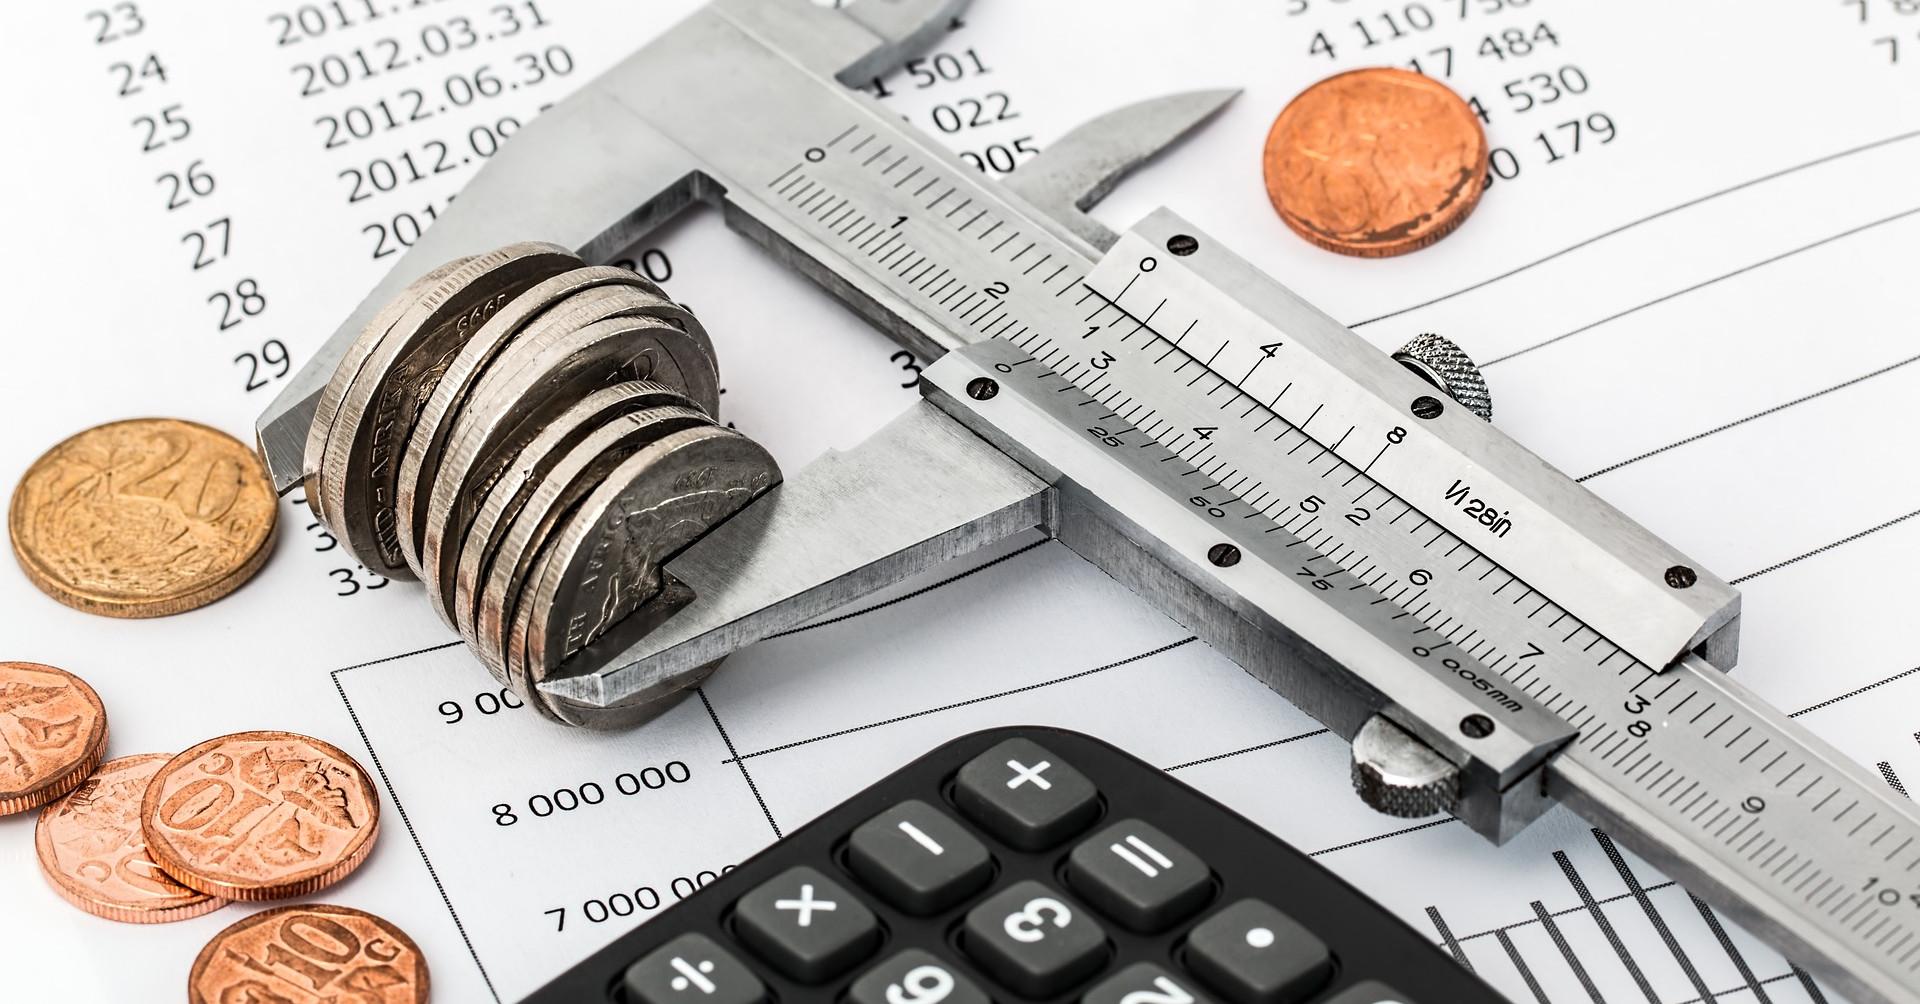 10+1 tipp, amely segít, hogy tartani tudd magad az adósságtörlesztési tervedhez   tancsicsmuvelodesihaz.hu